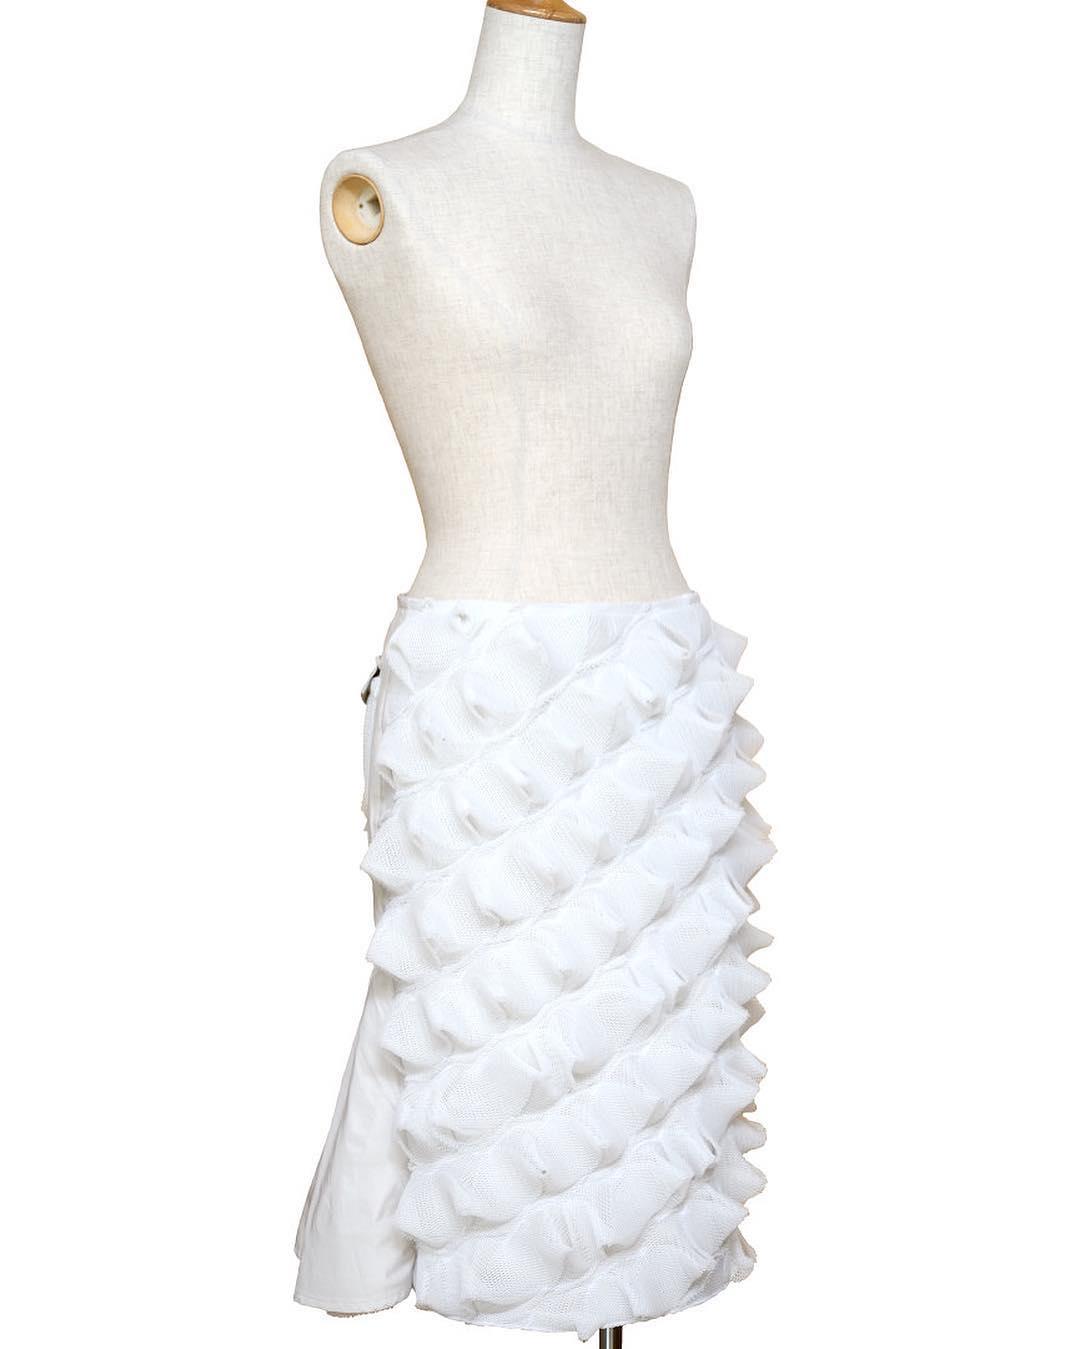 芸能人が秘密のケンミンSHOWで着用した衣装スカート